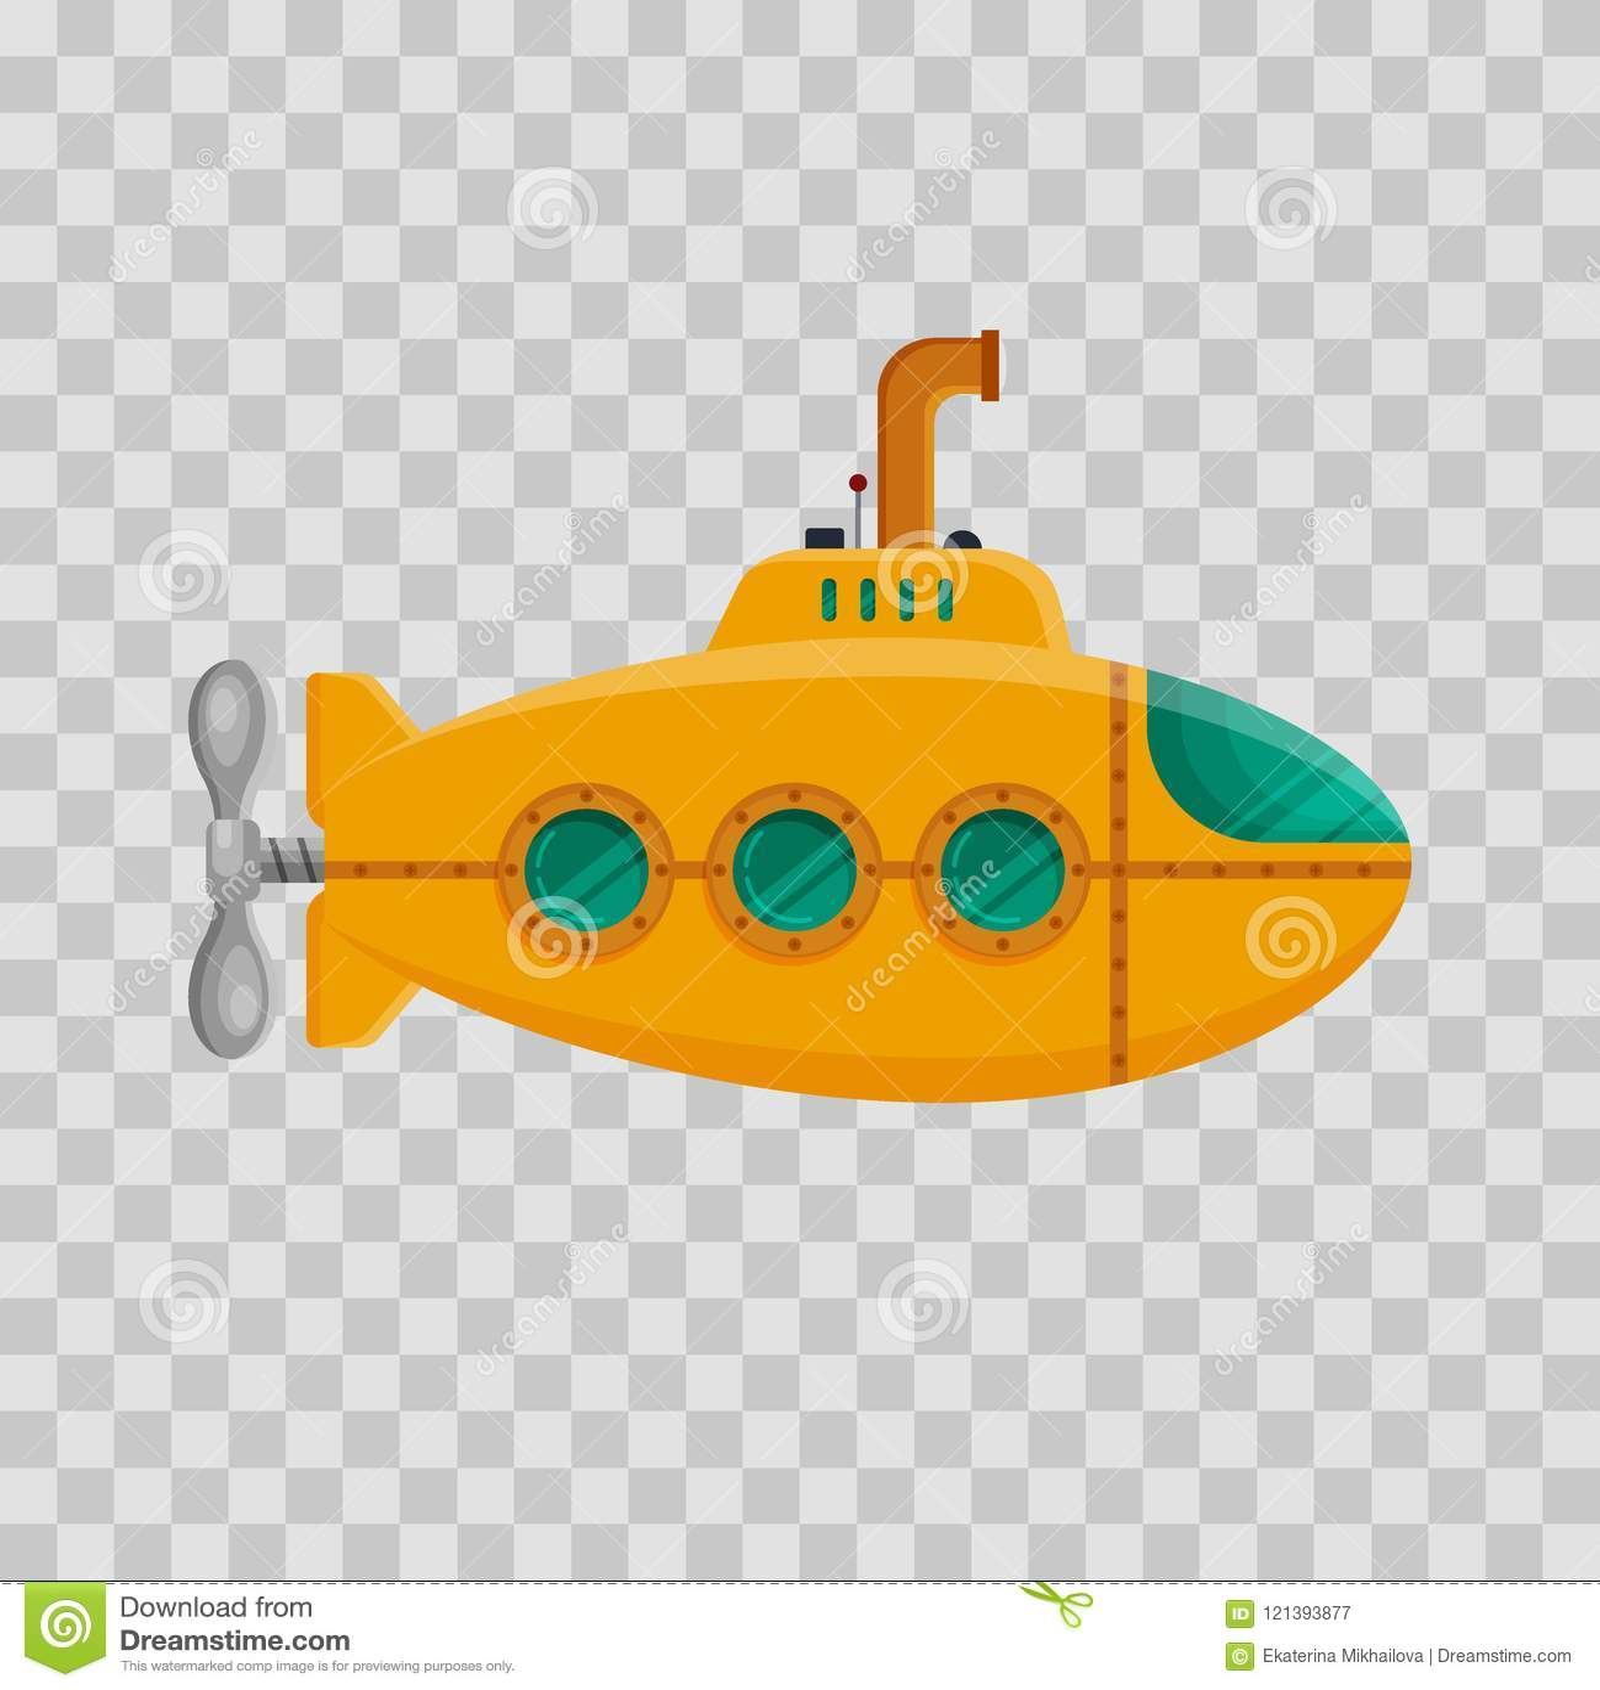 Żółta łódź podwodna z peryskopem na przejrzystym tle Kolorowy podwodny okręt podwodny w mieszkanie stylu Dziecięca zabawka - zapa